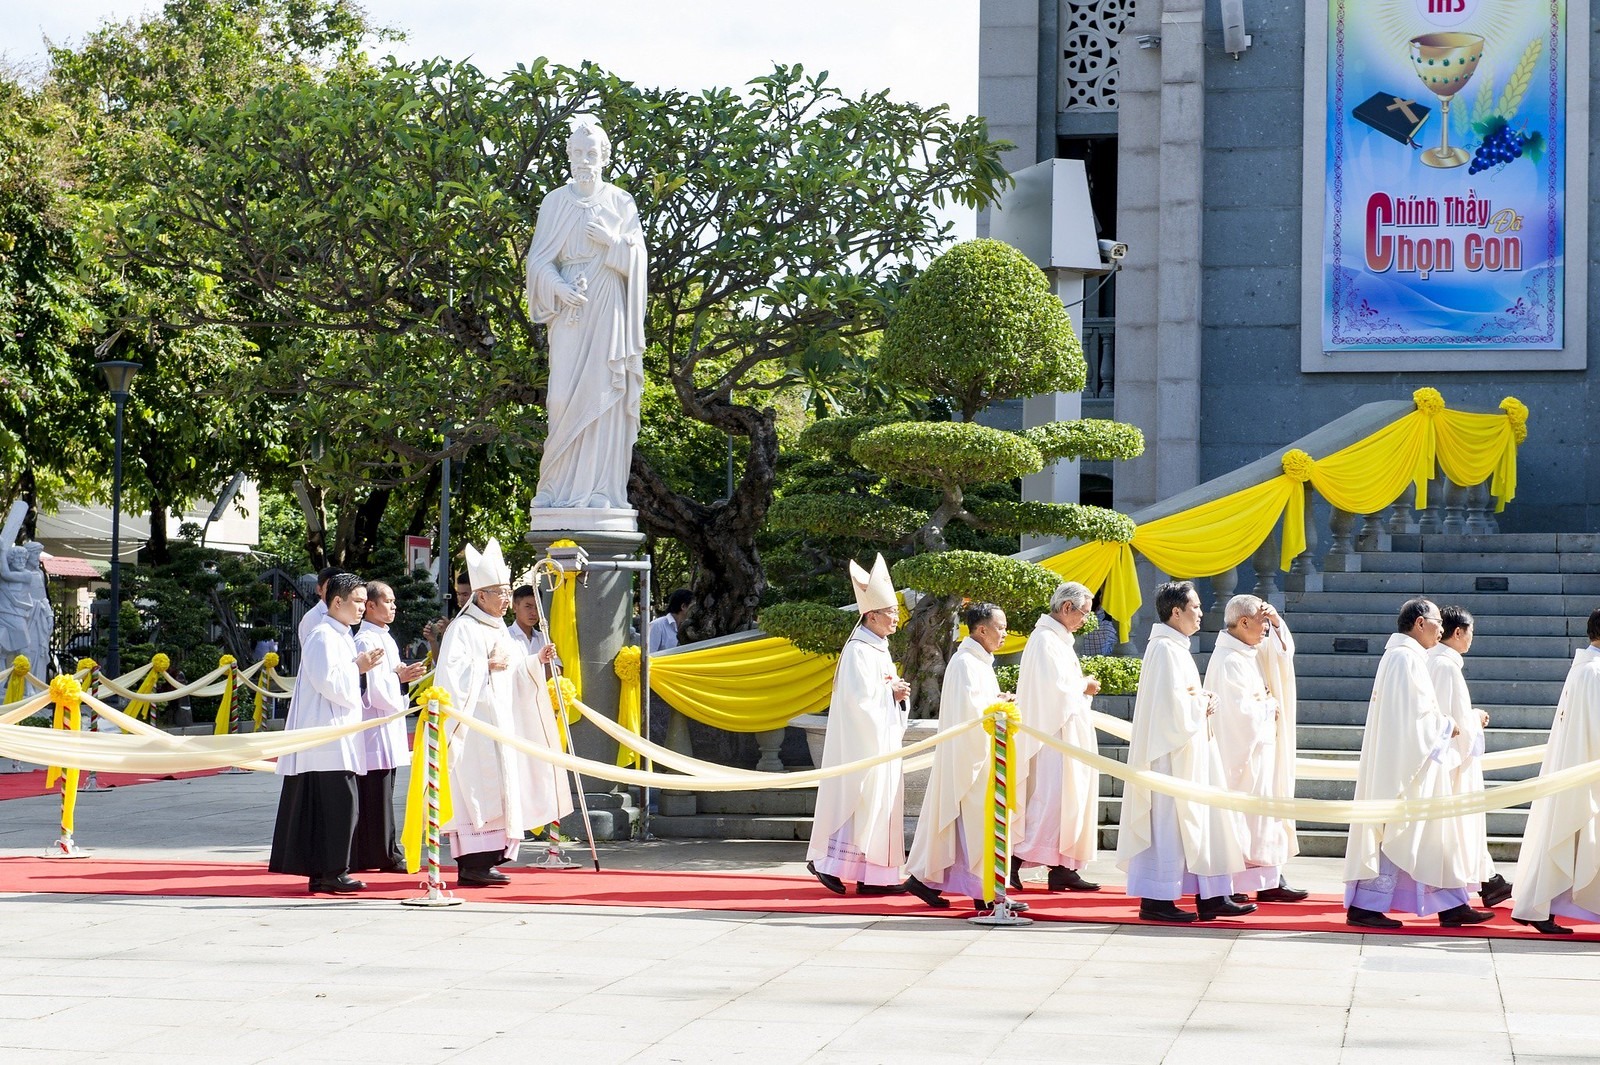 Giáo phận Bà Rịa: Thánh lễ Truyền chức Linh mục 2017 - Ảnh minh hoạ 5